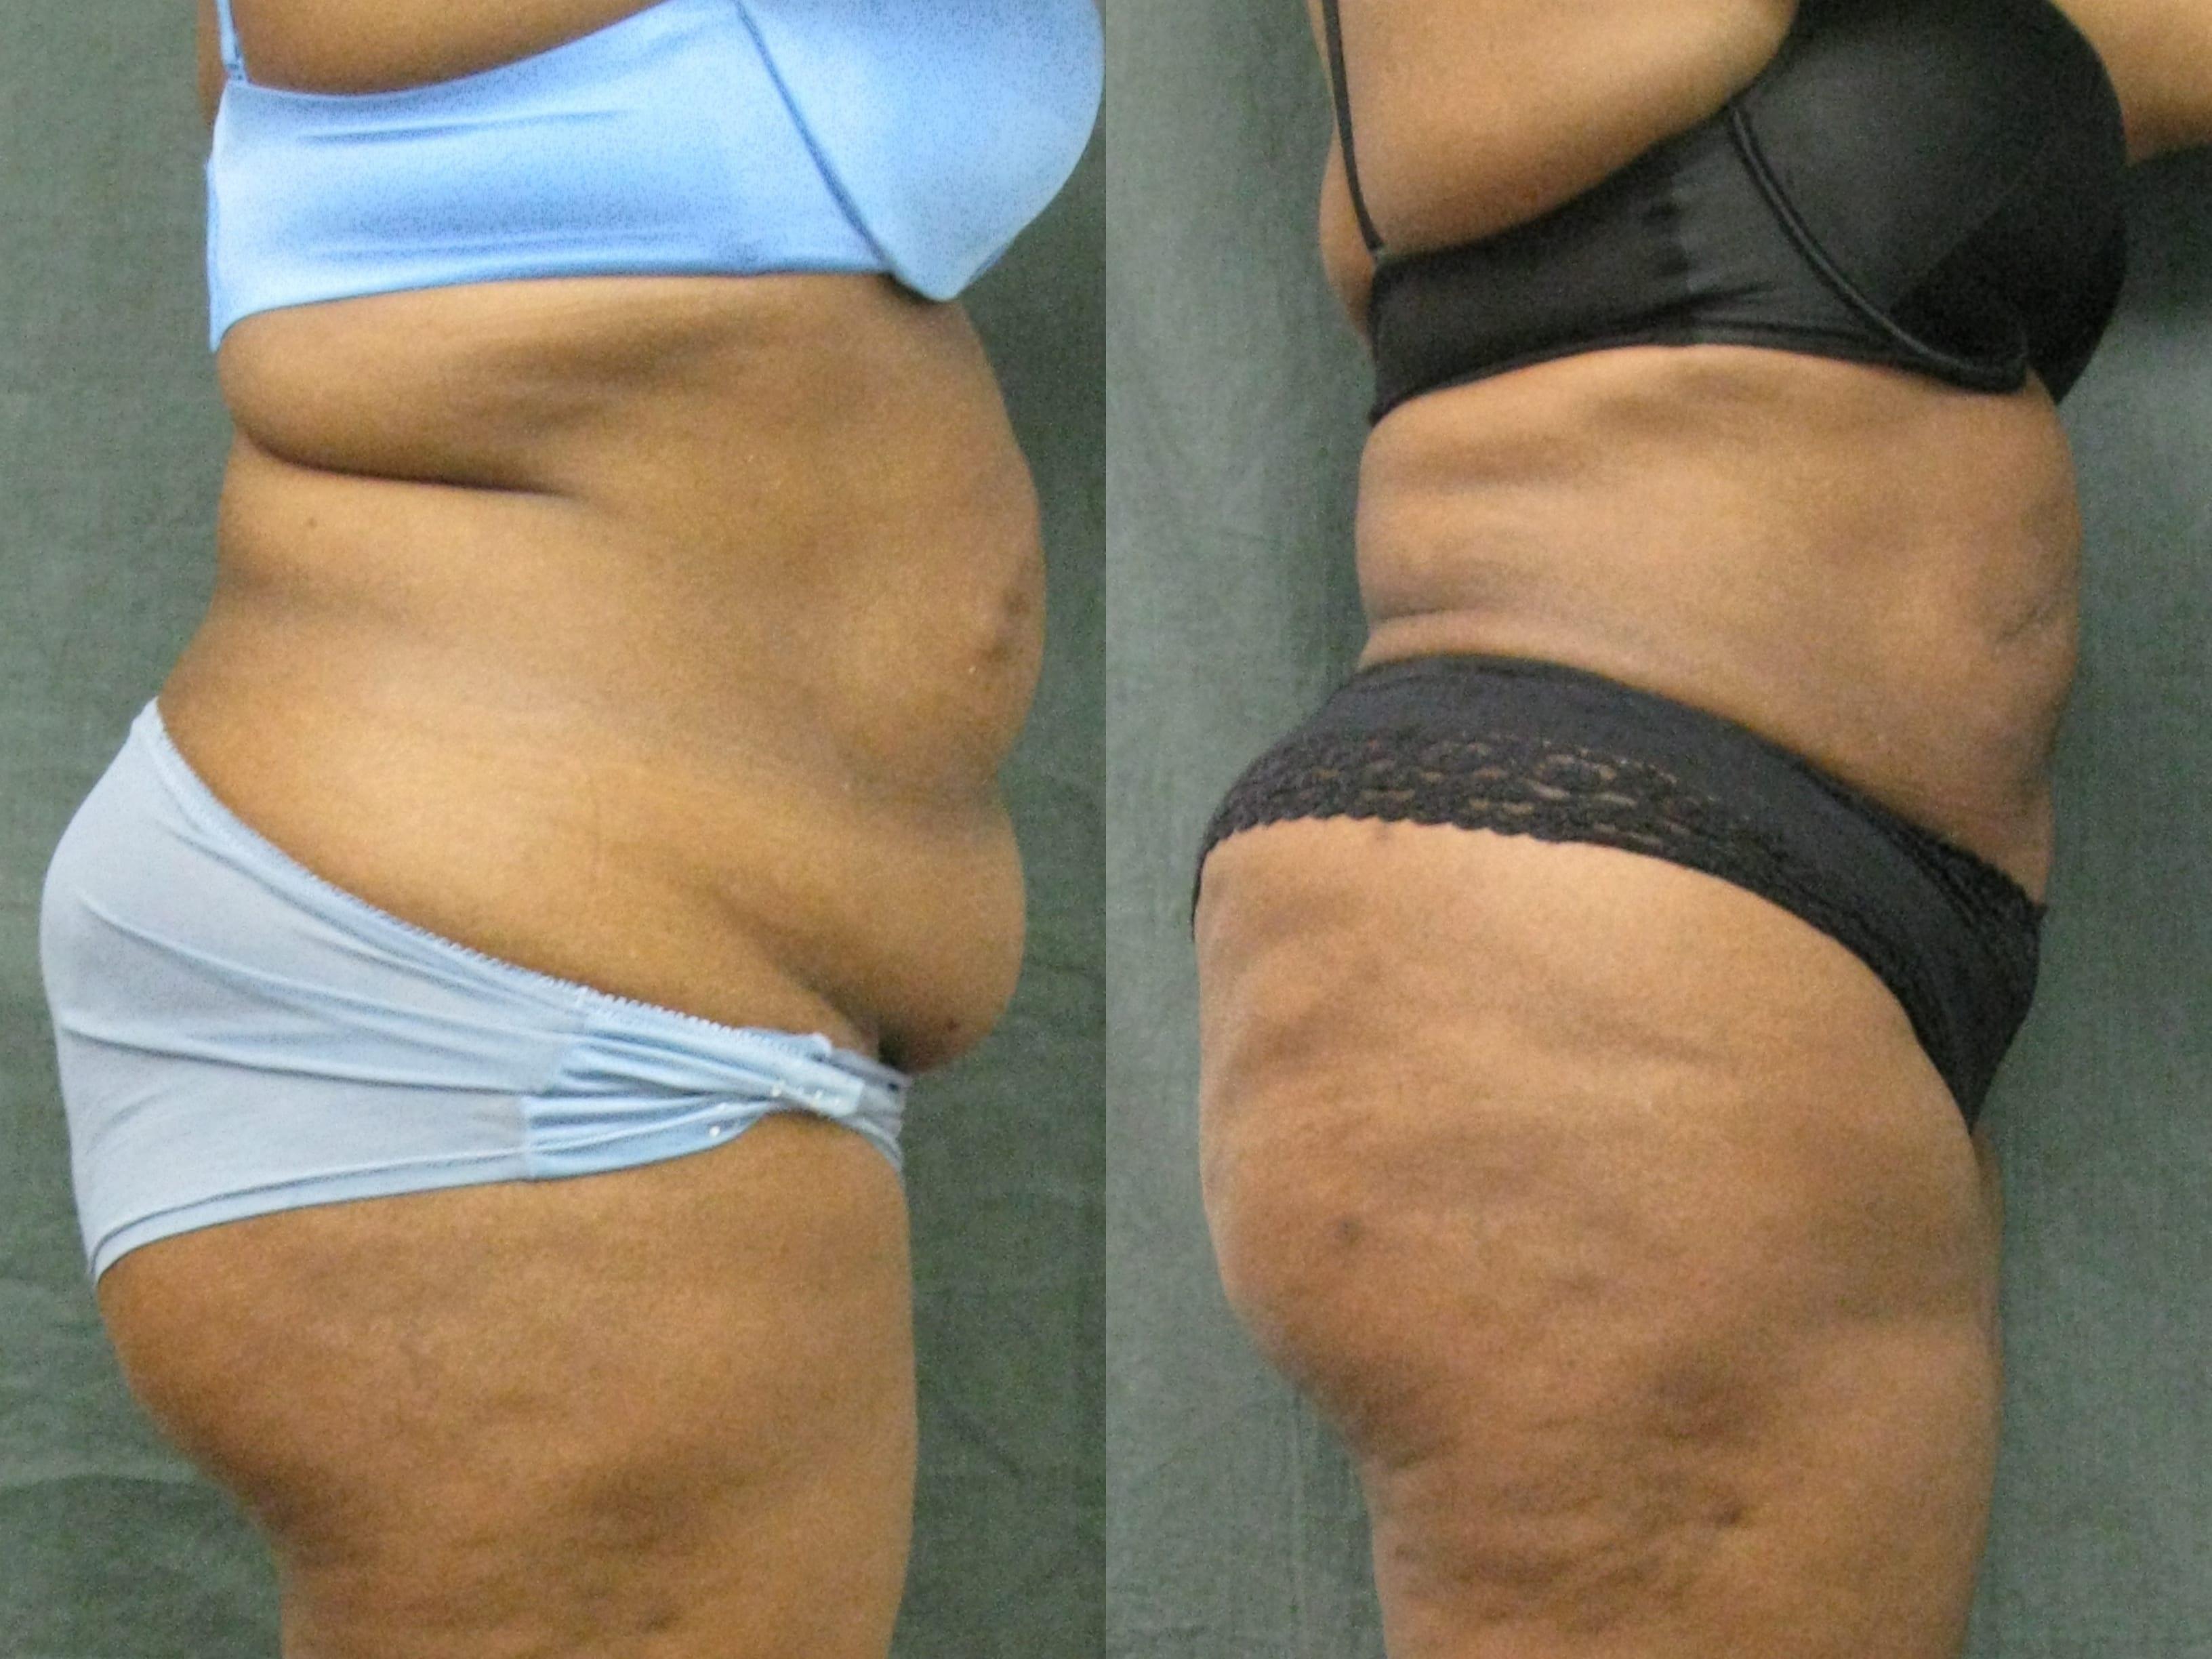 Dr. Matt Goldschmidt | Liposuction Before & After Photo